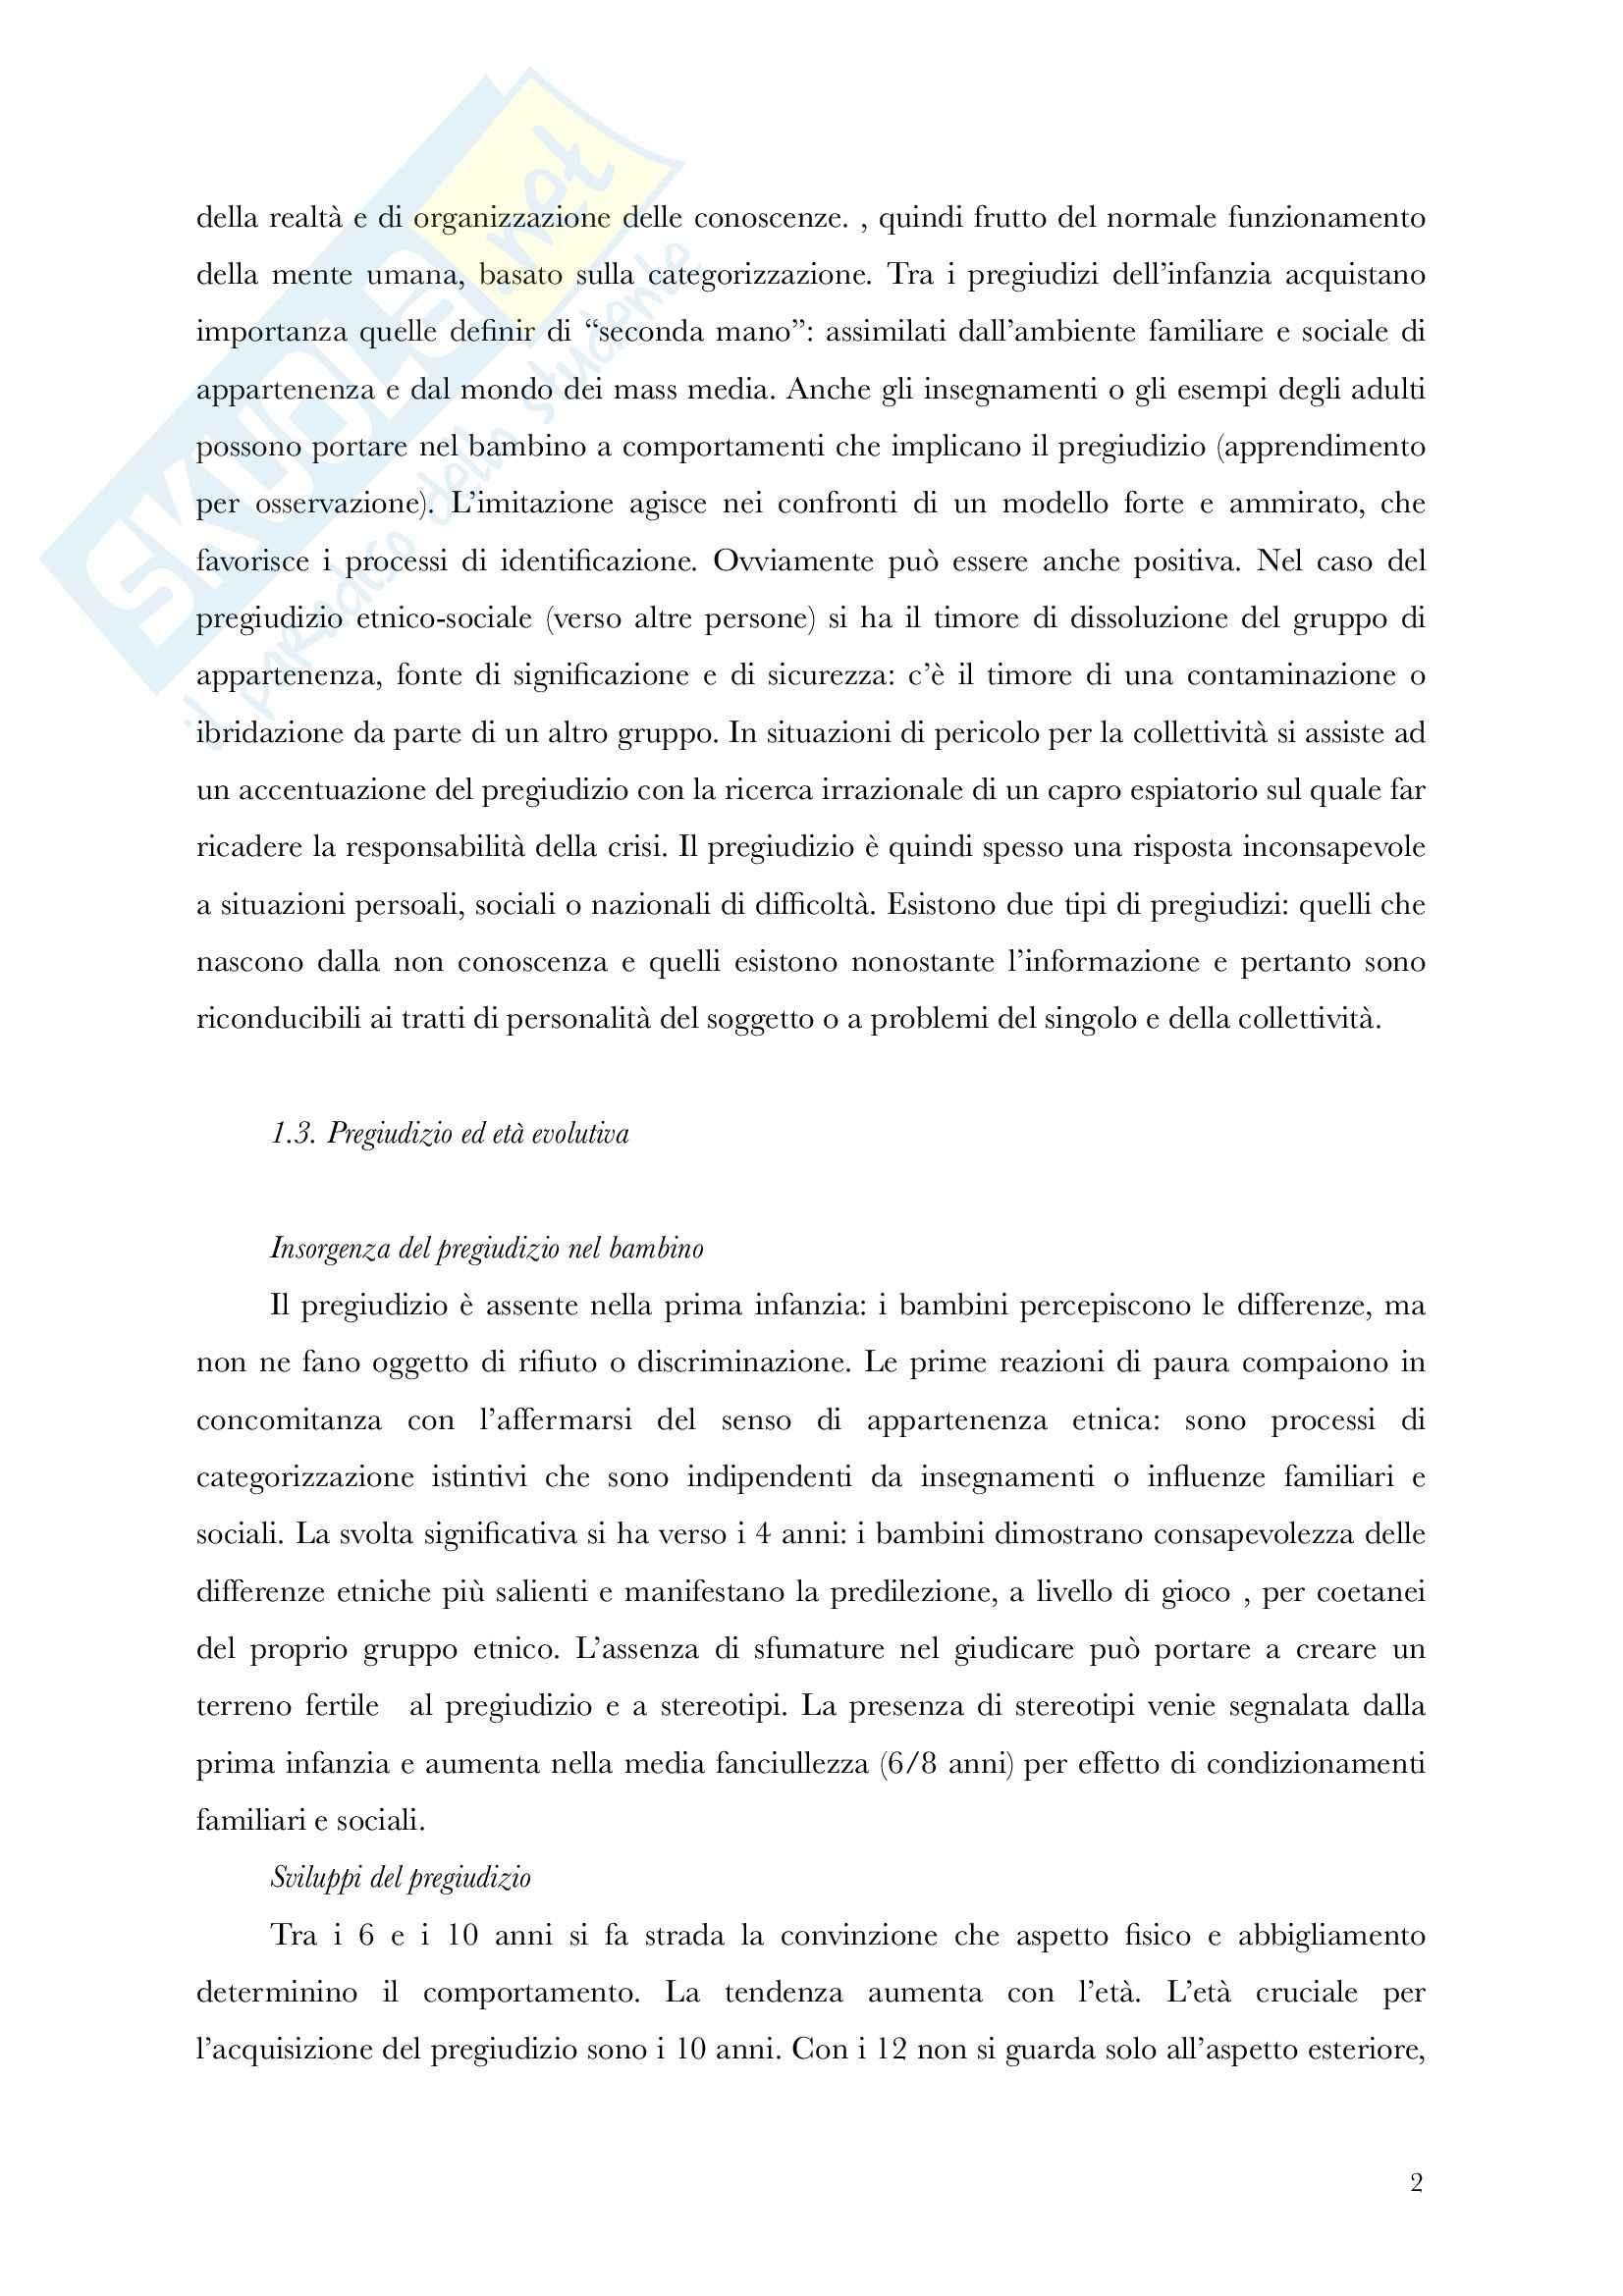 Riassunto esame Pedagogia, testo consiglato Il Pregiudizio, Nobile, prof. Nobile Pag. 2